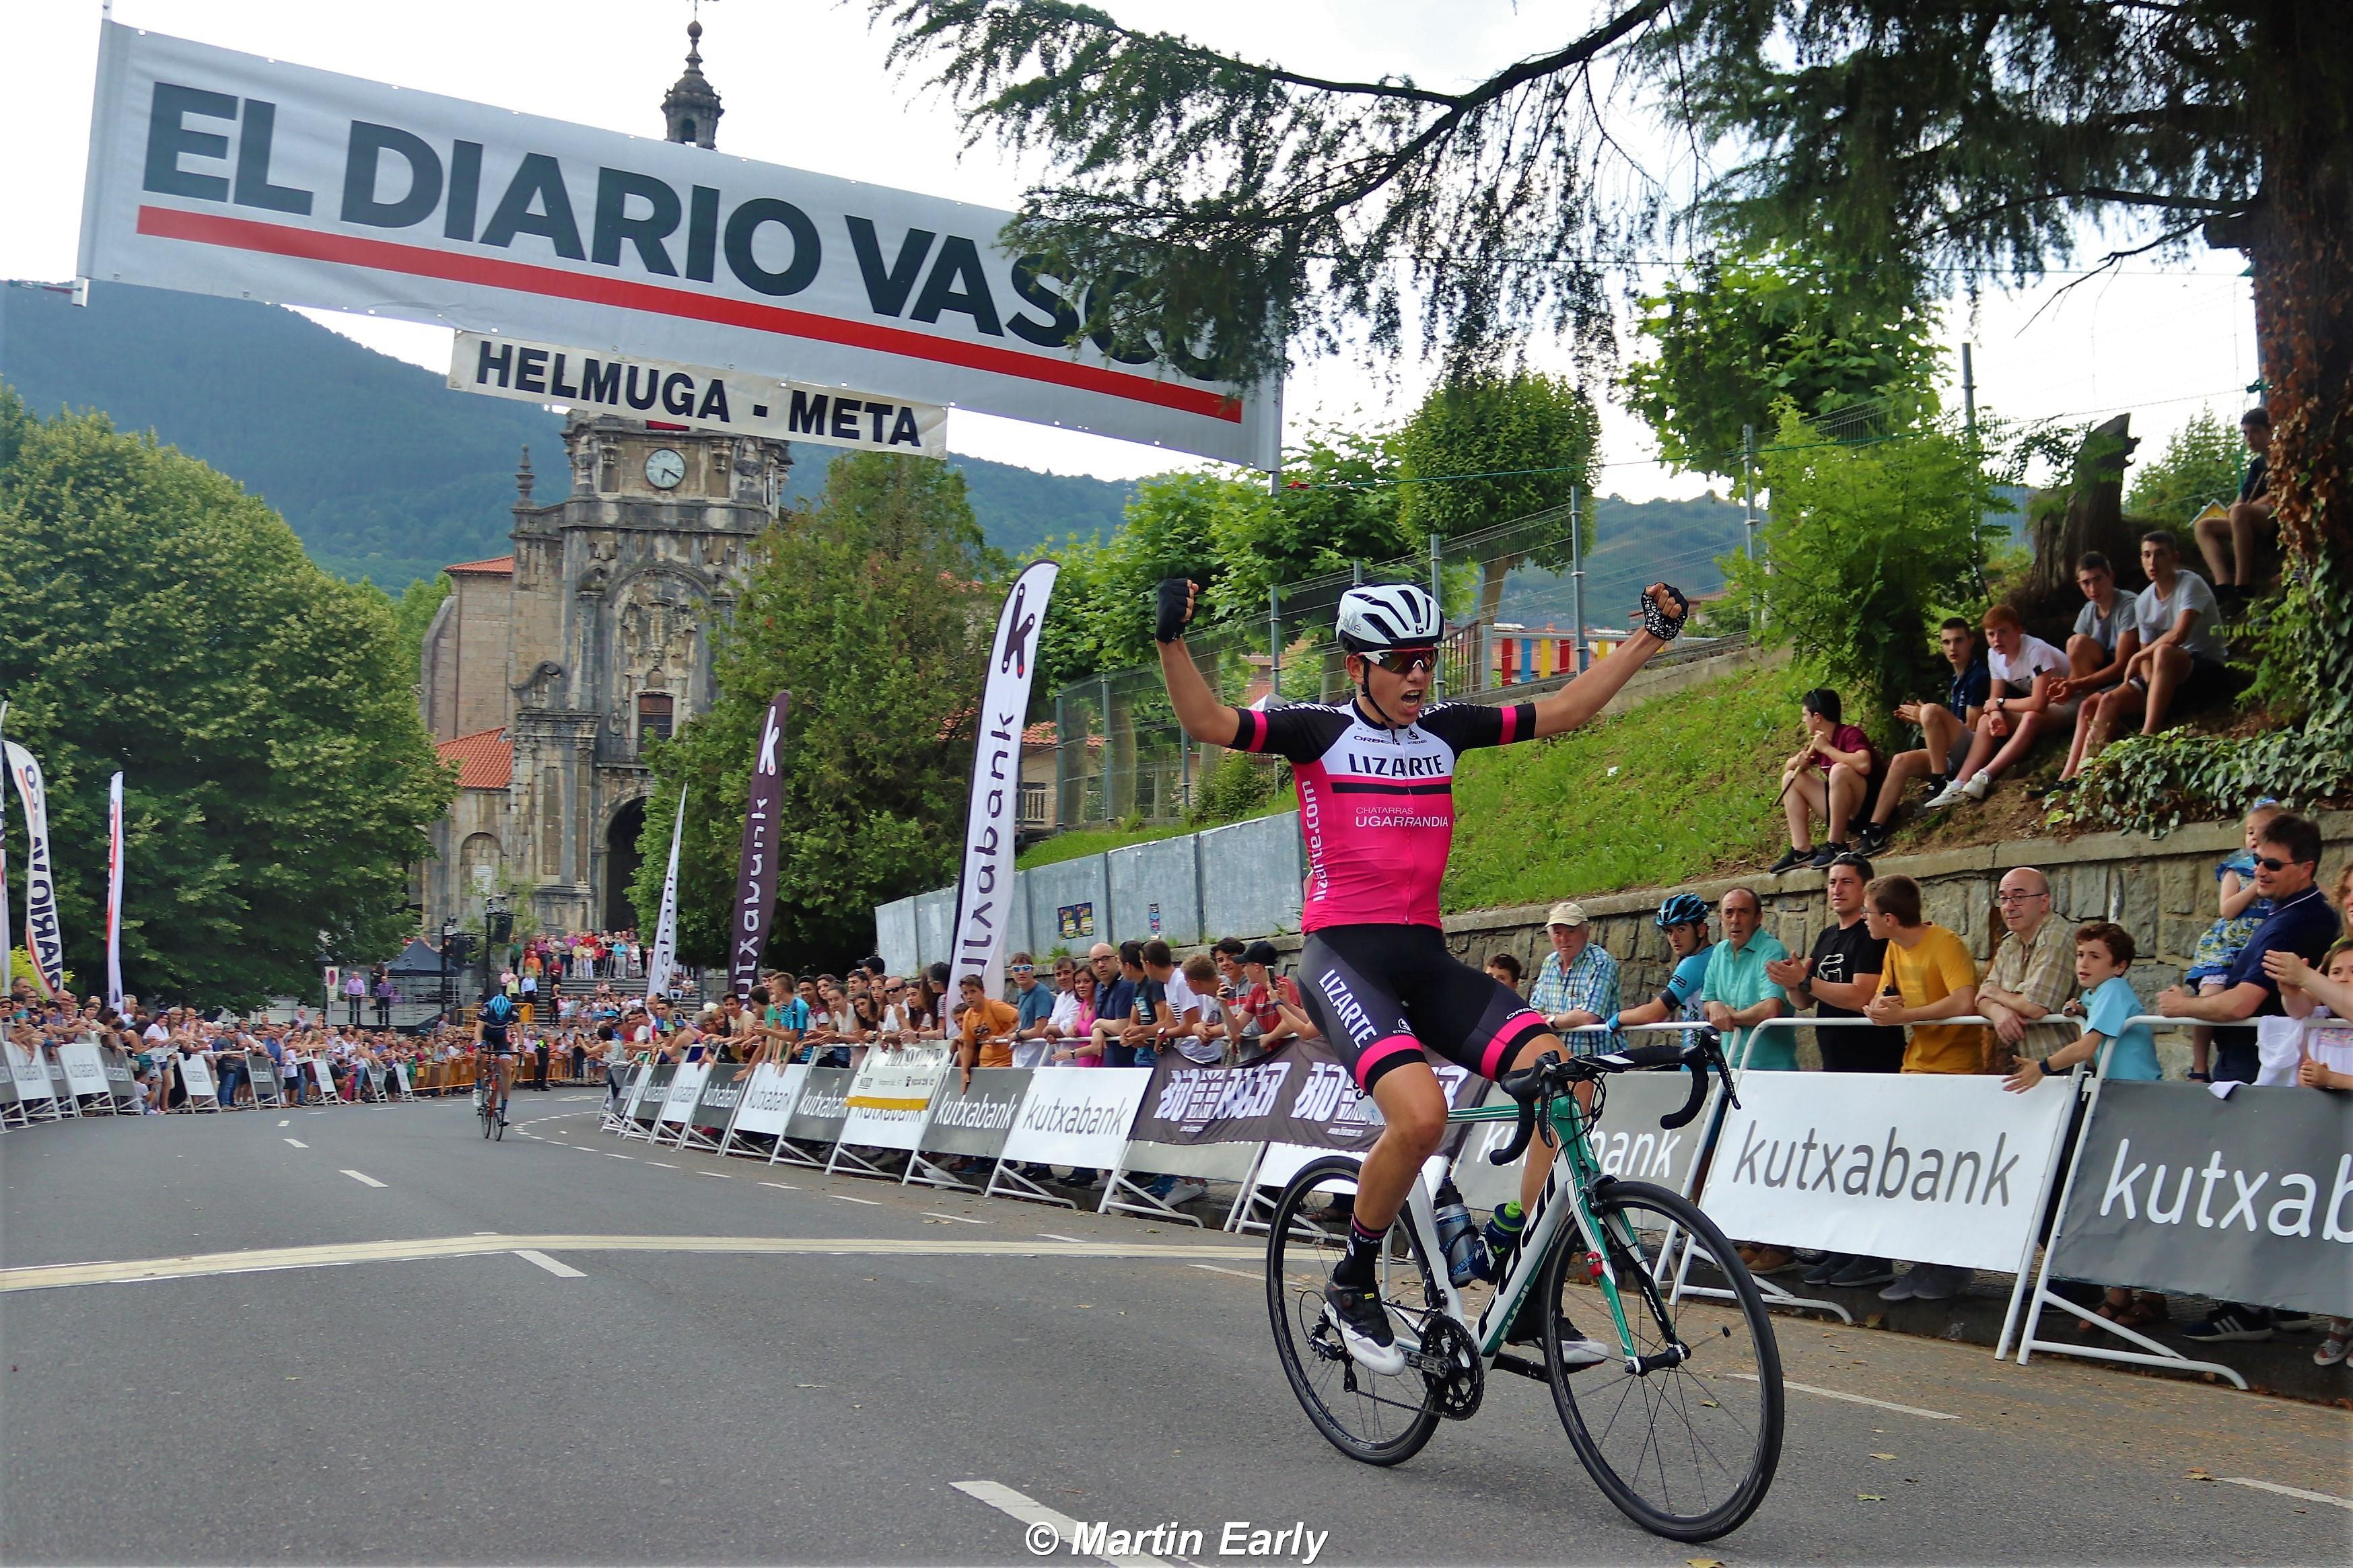 Diego Uriarte Equipo Lizarte